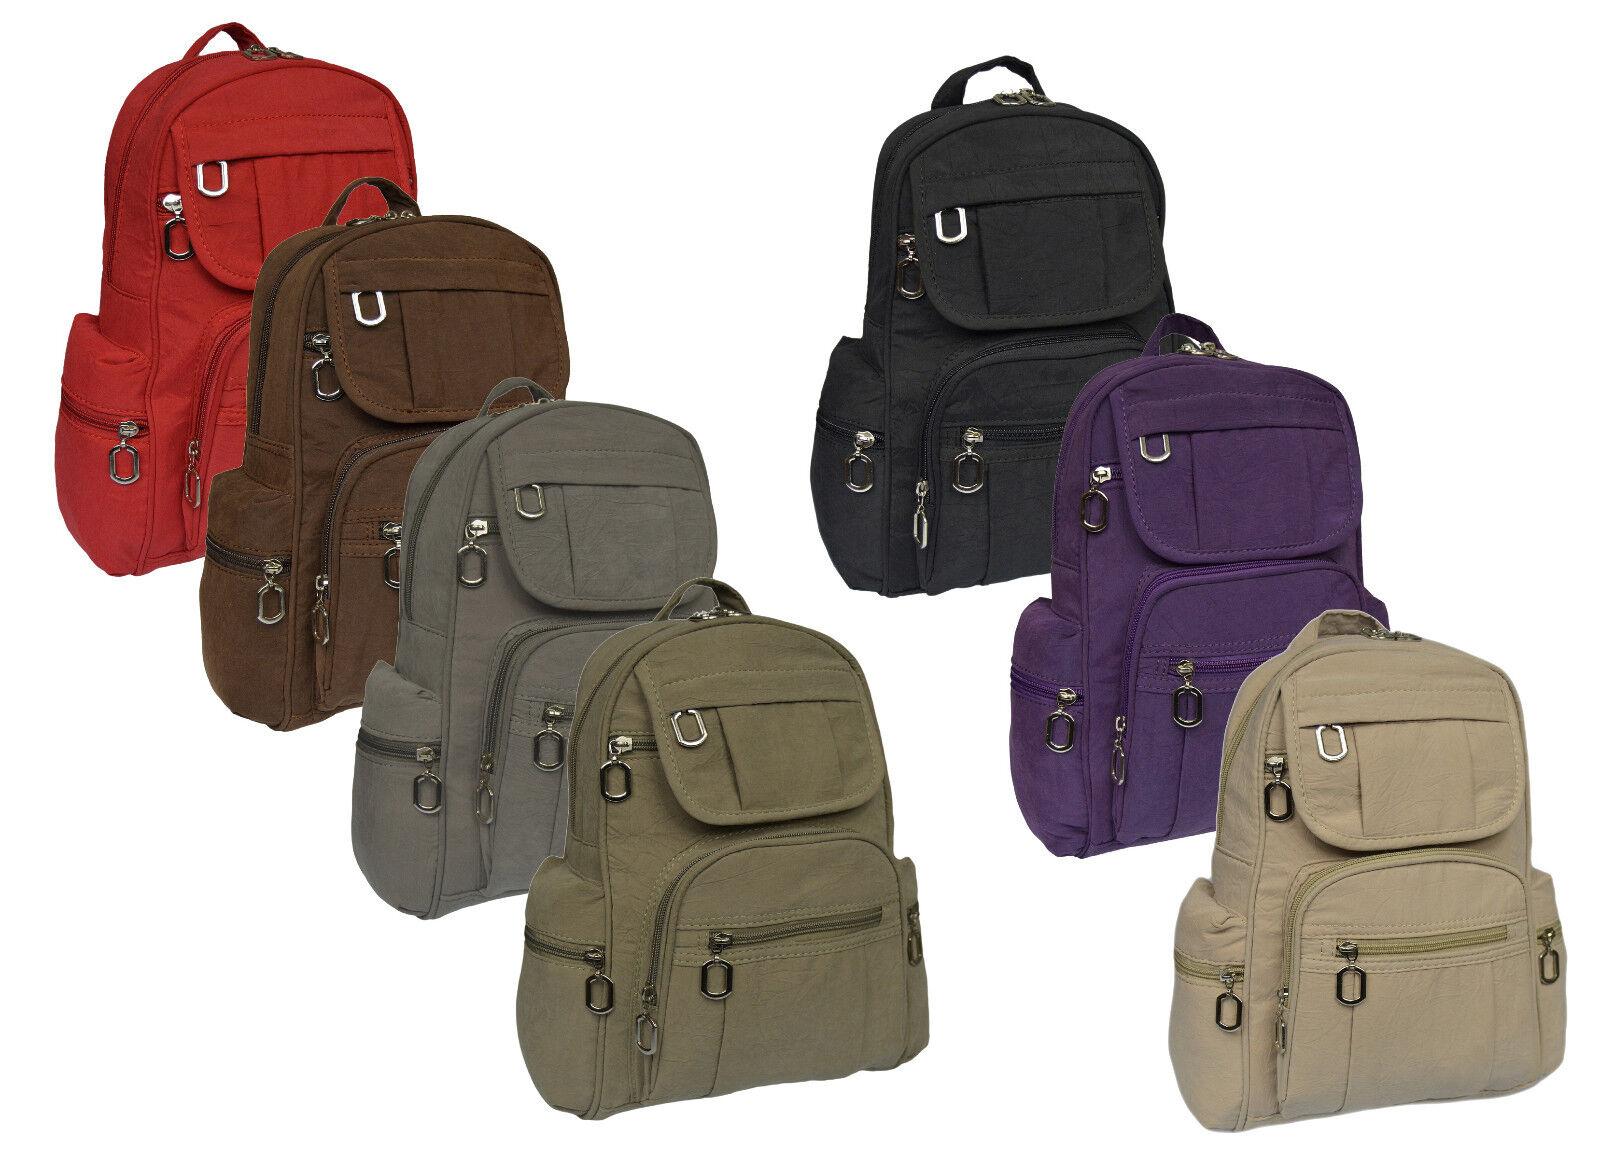 Sportlicher Leichter Damenrucksack Tasche Bag Cityrucksack Backpack Reise